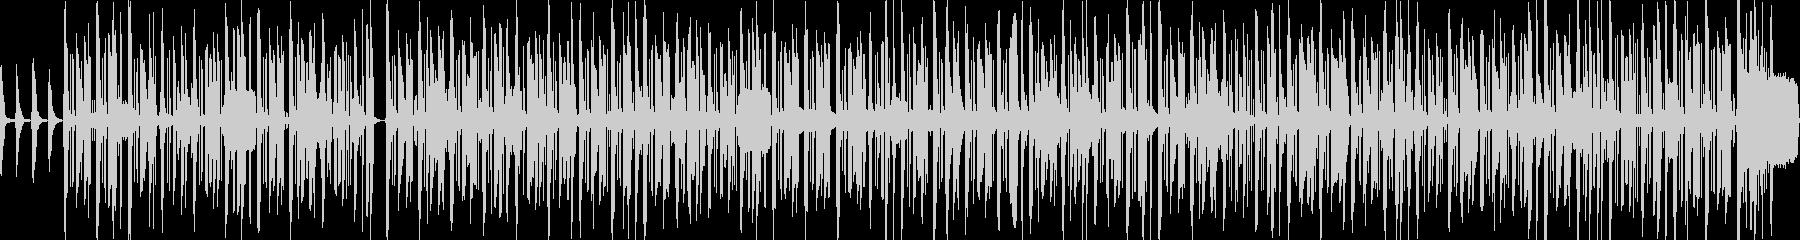 コメディファンク。チューバ、バリト...の未再生の波形